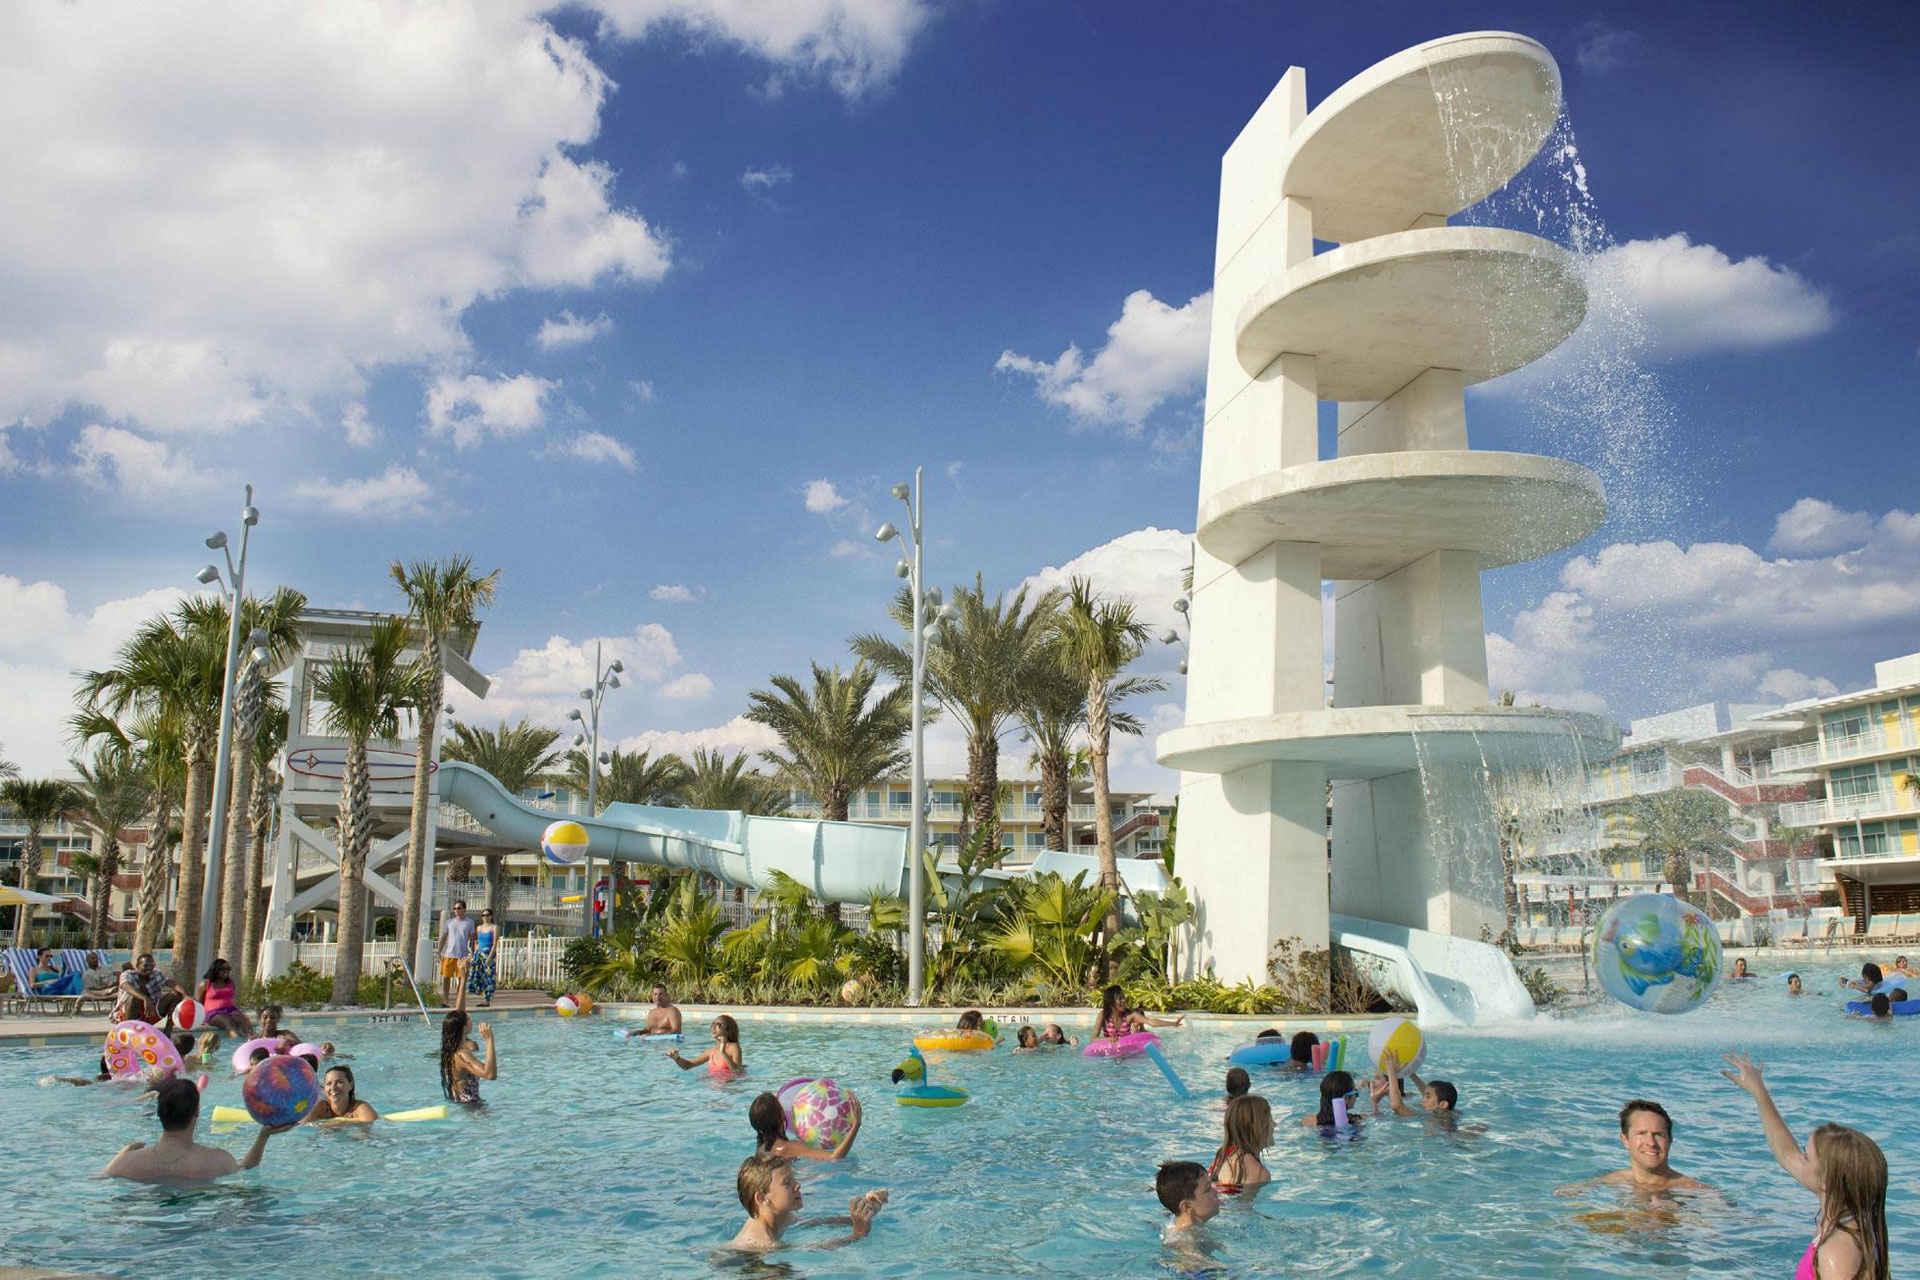 Cabana Bay Beach Resort pool; Courtesy of Universal's Cabana Bay Beach Resort